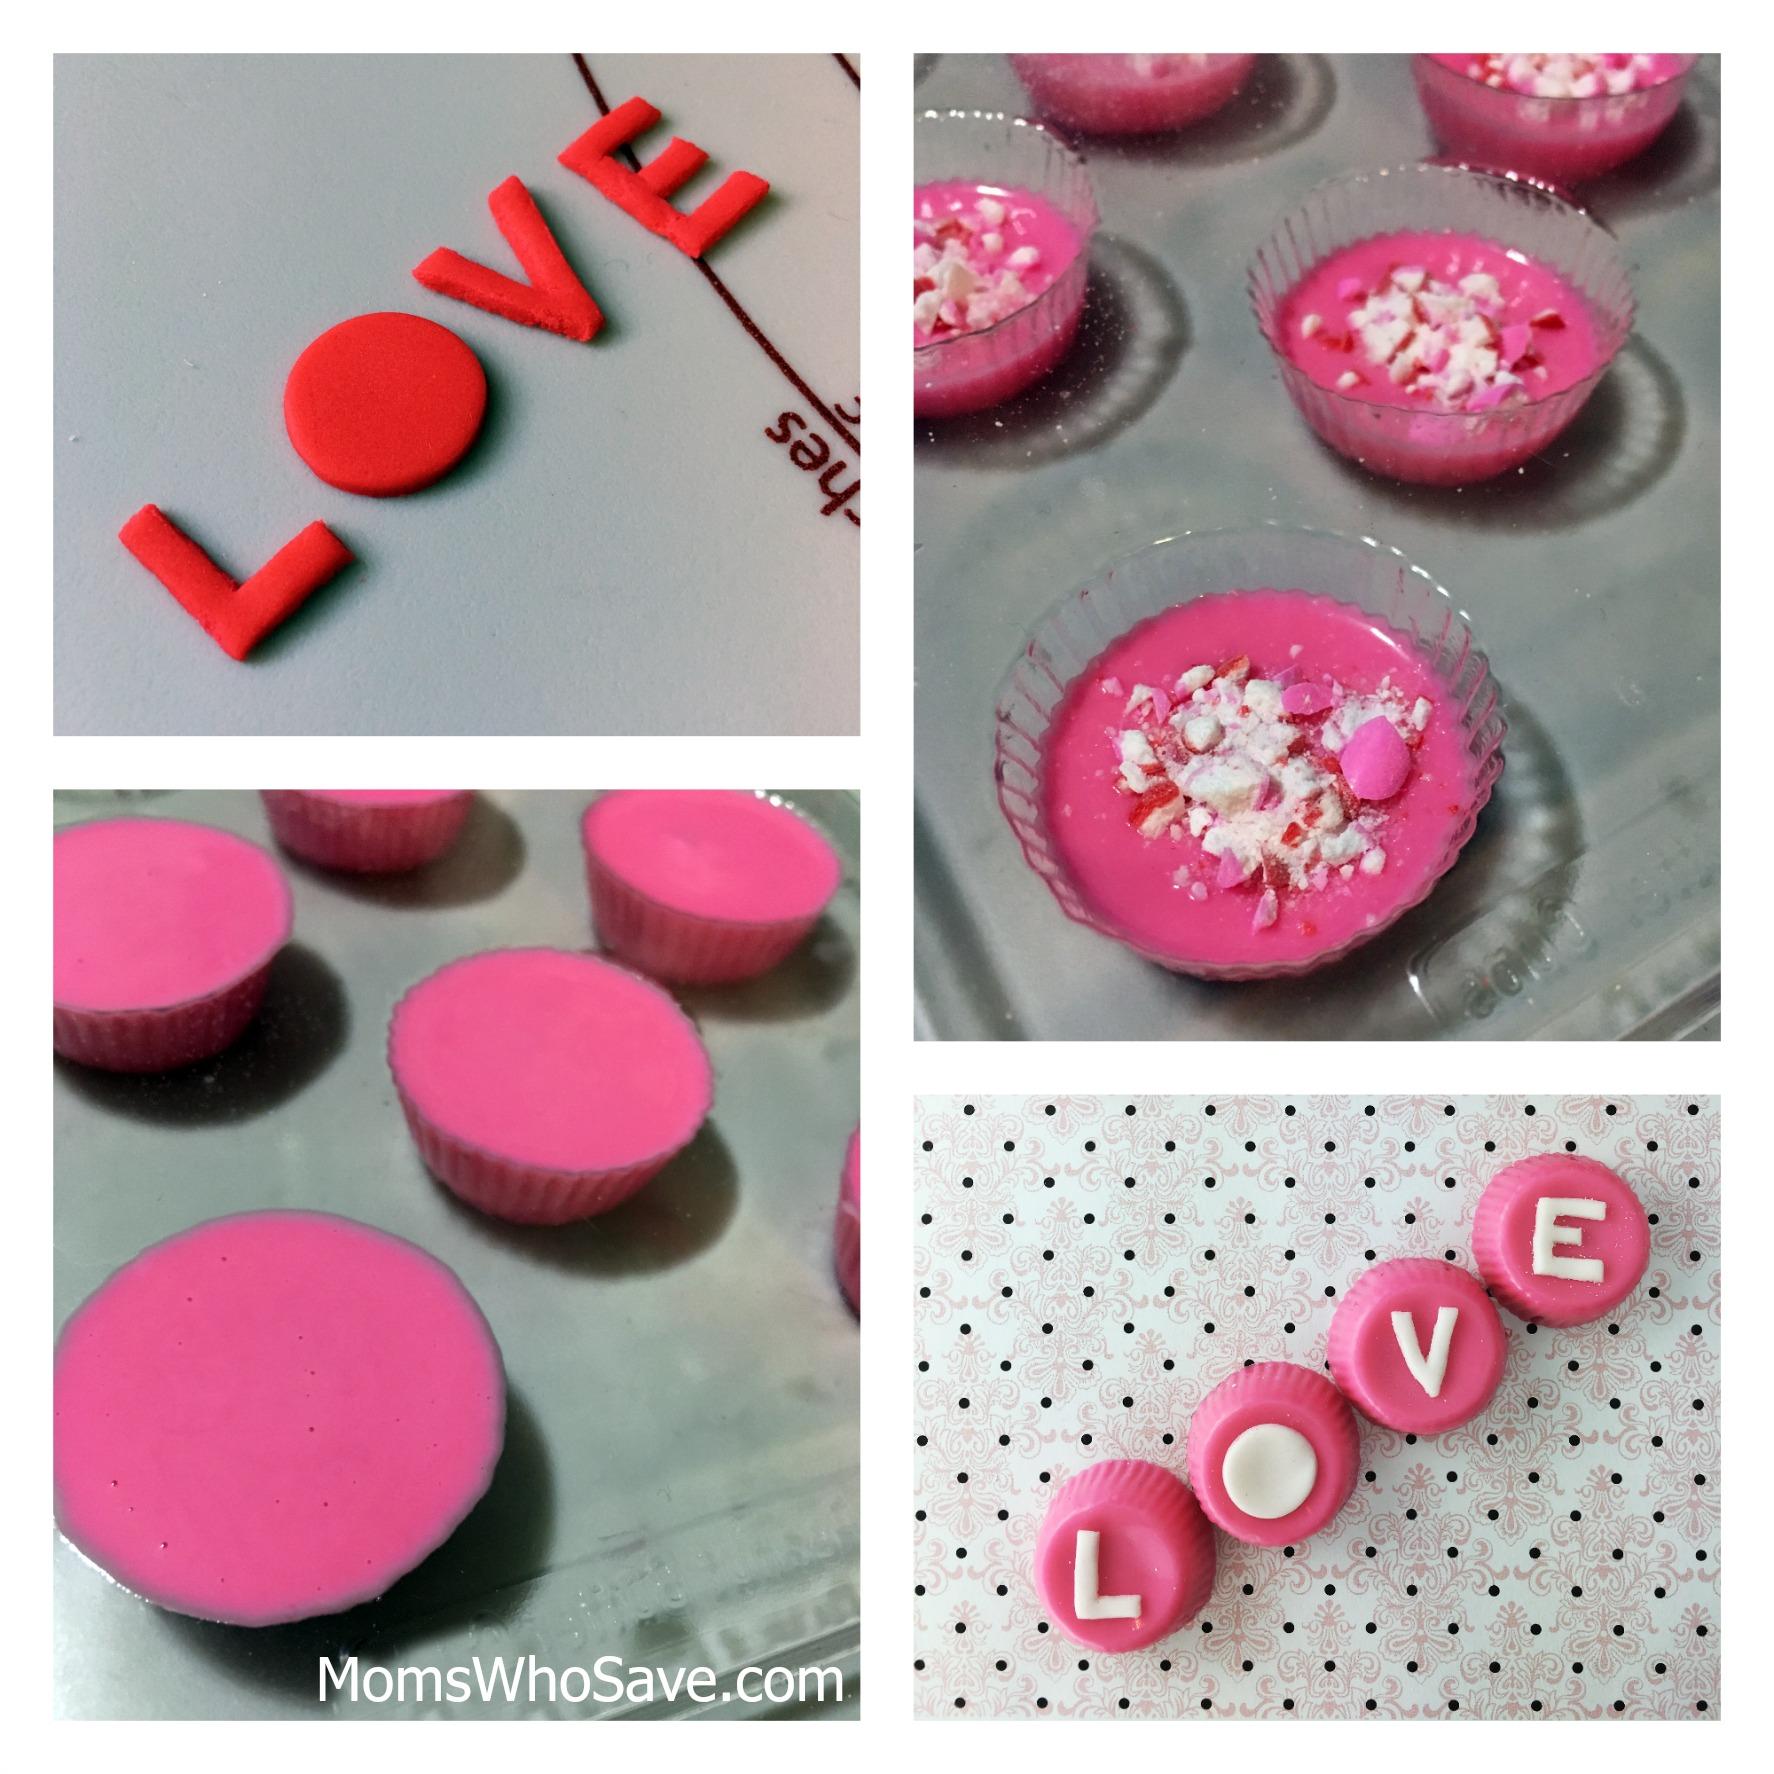 Valentines Day LOVE candies